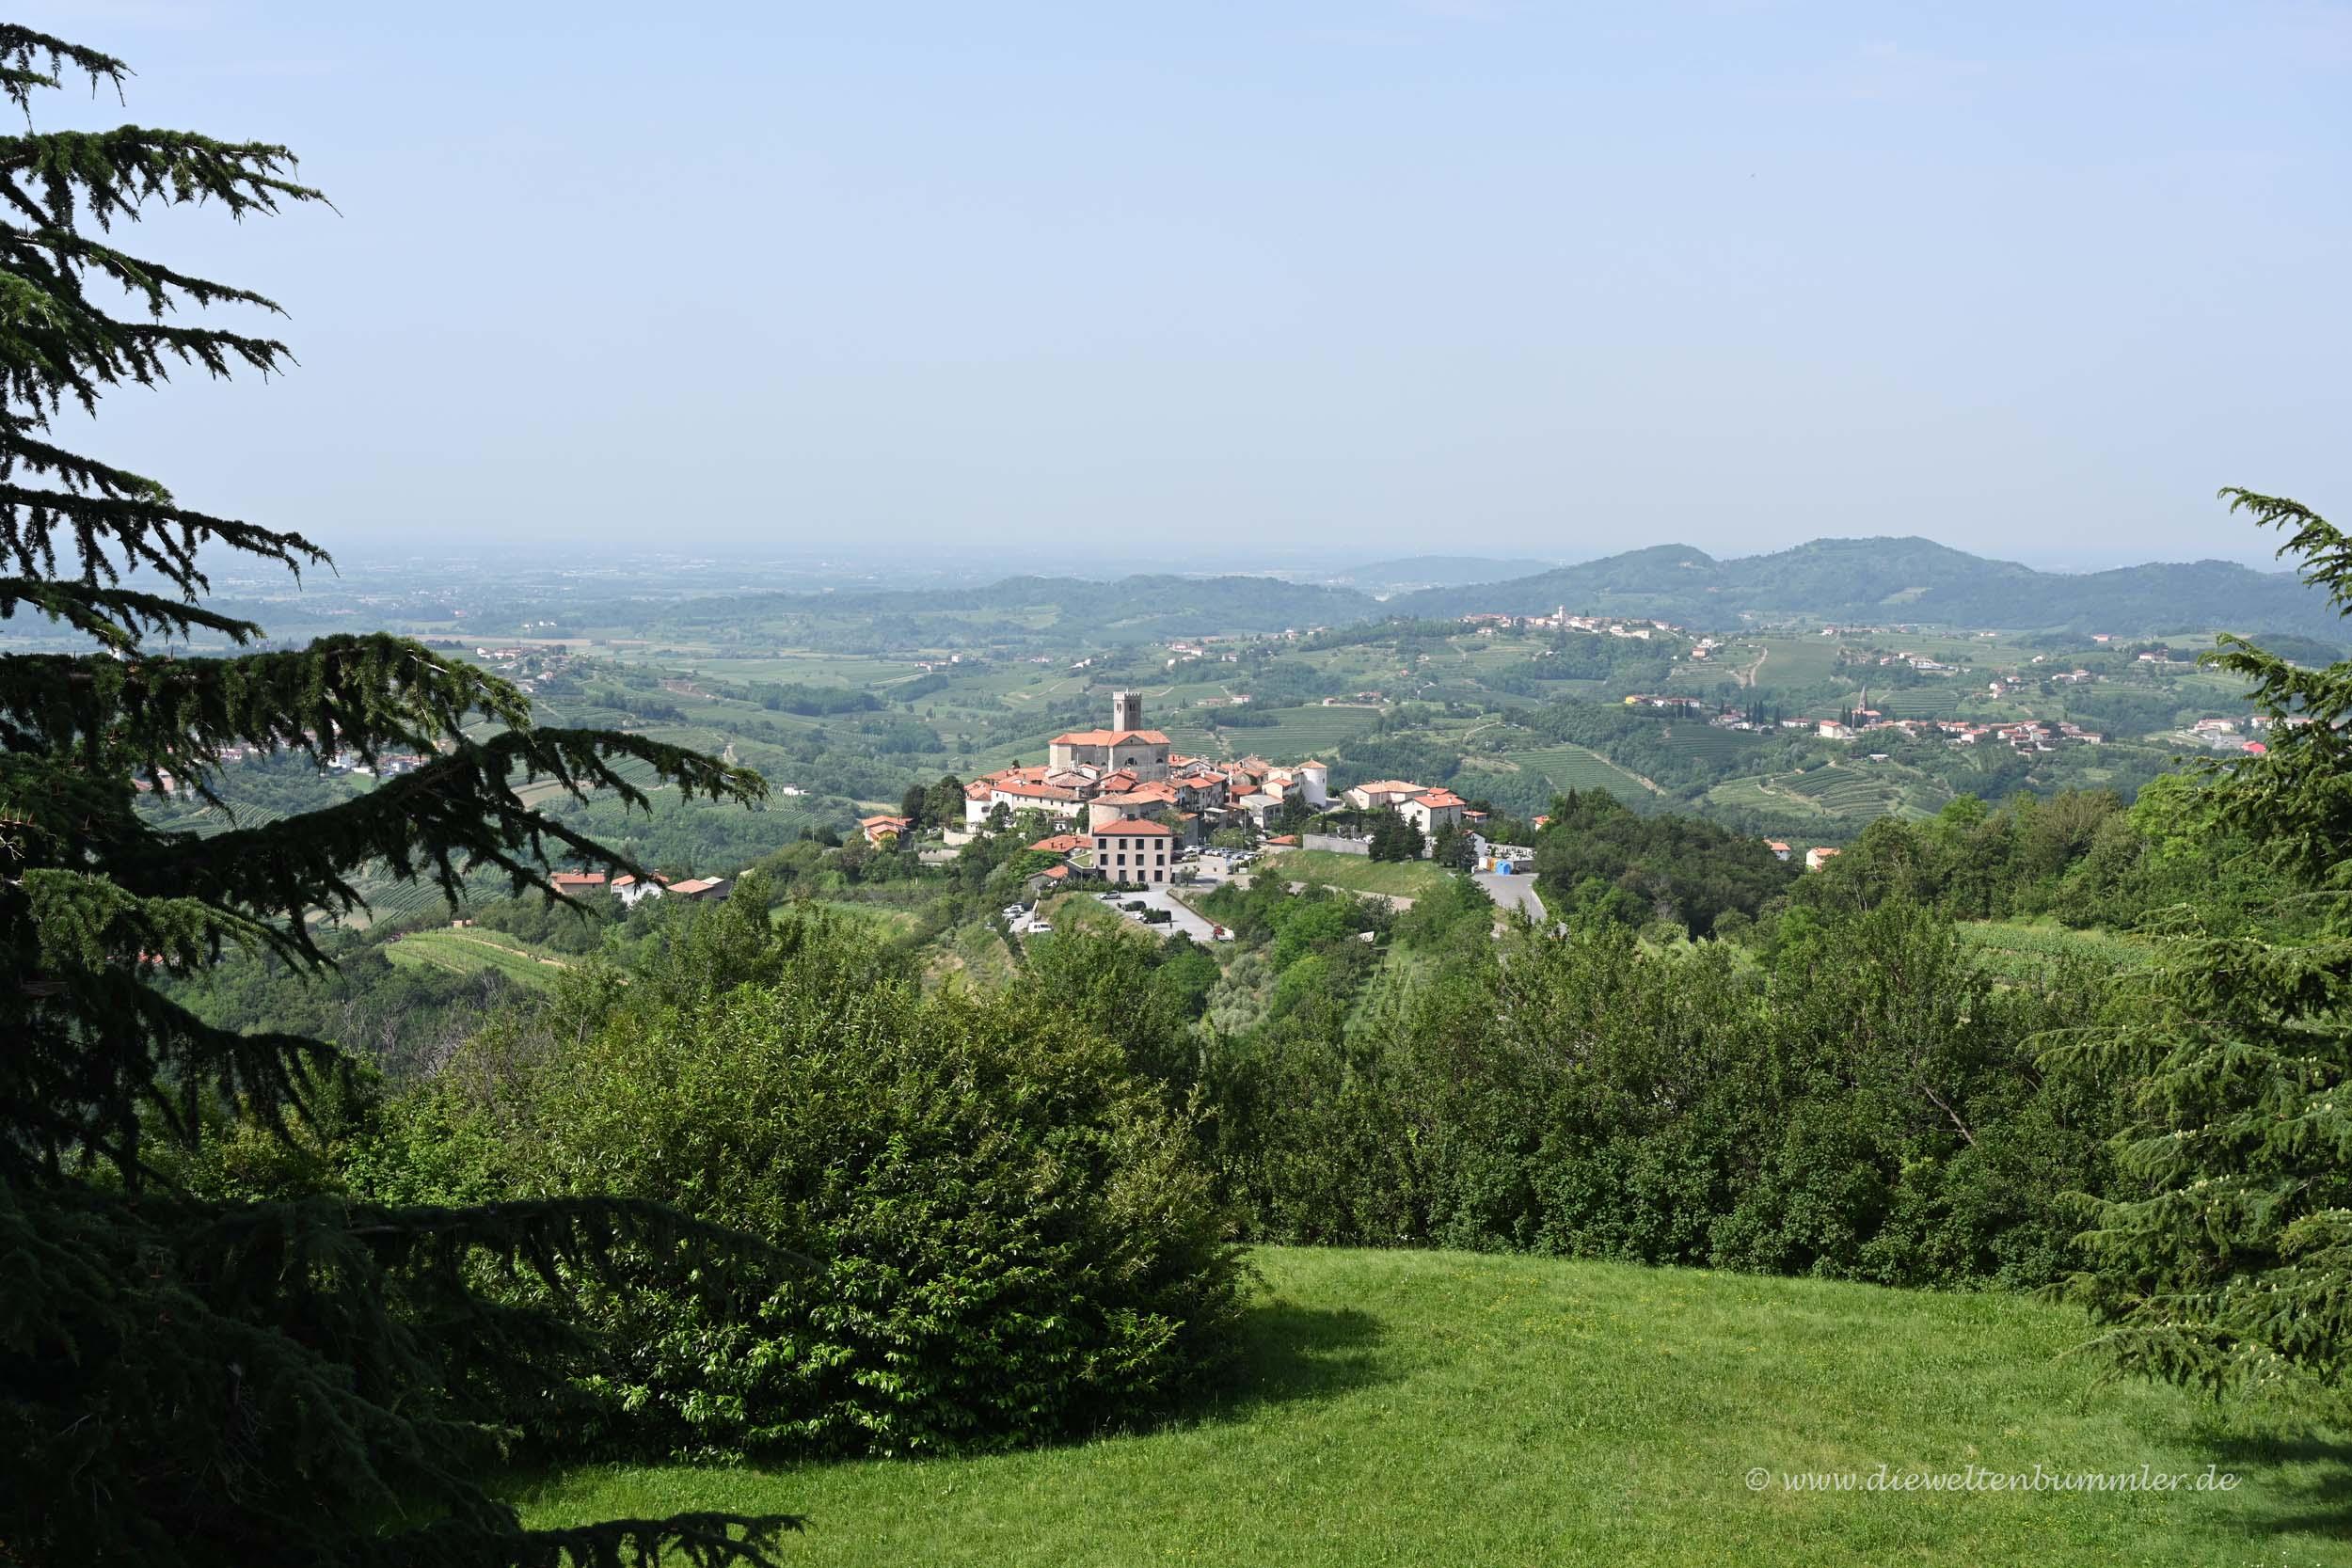 Blick zum Dorf Smartno